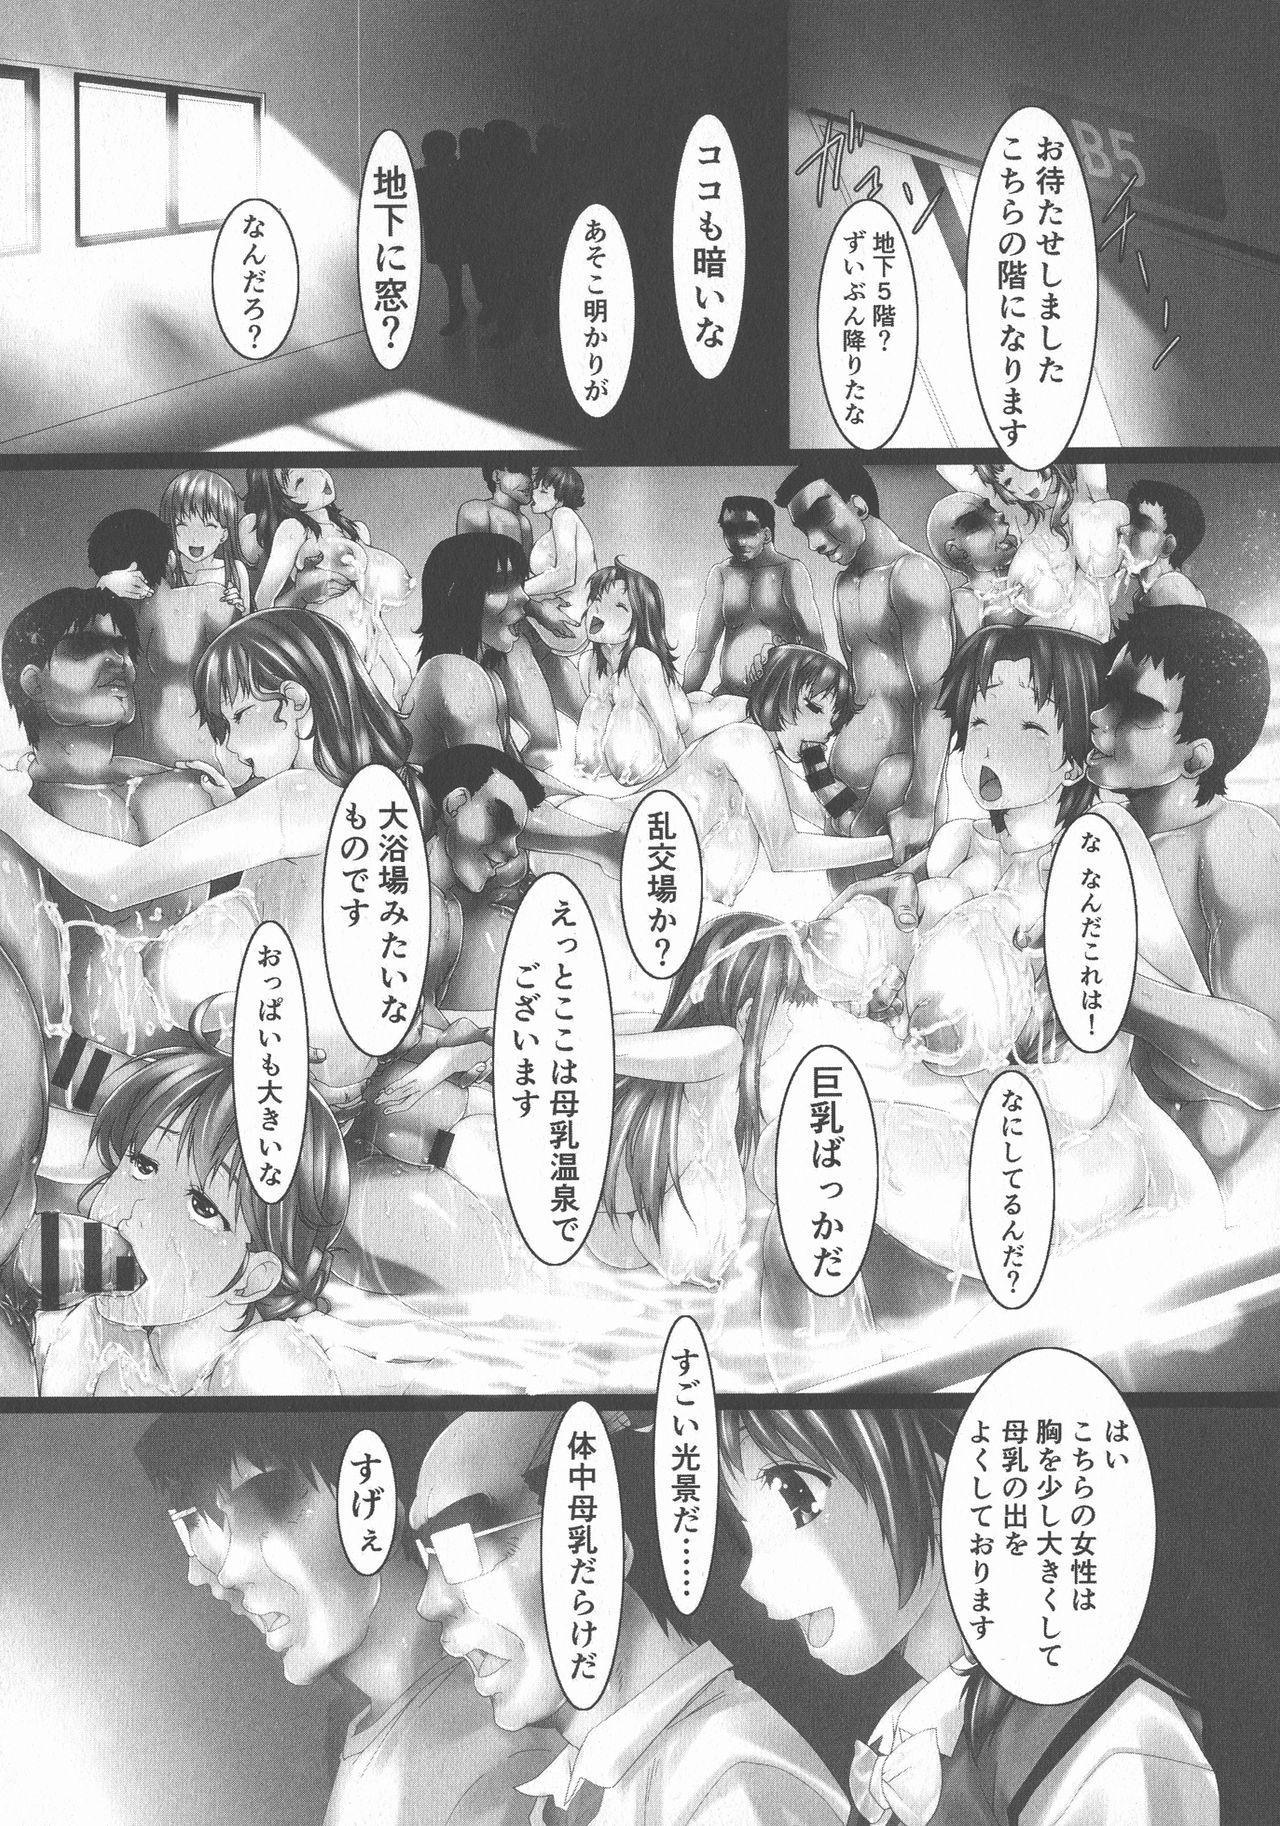 Jochiku no Utage 69